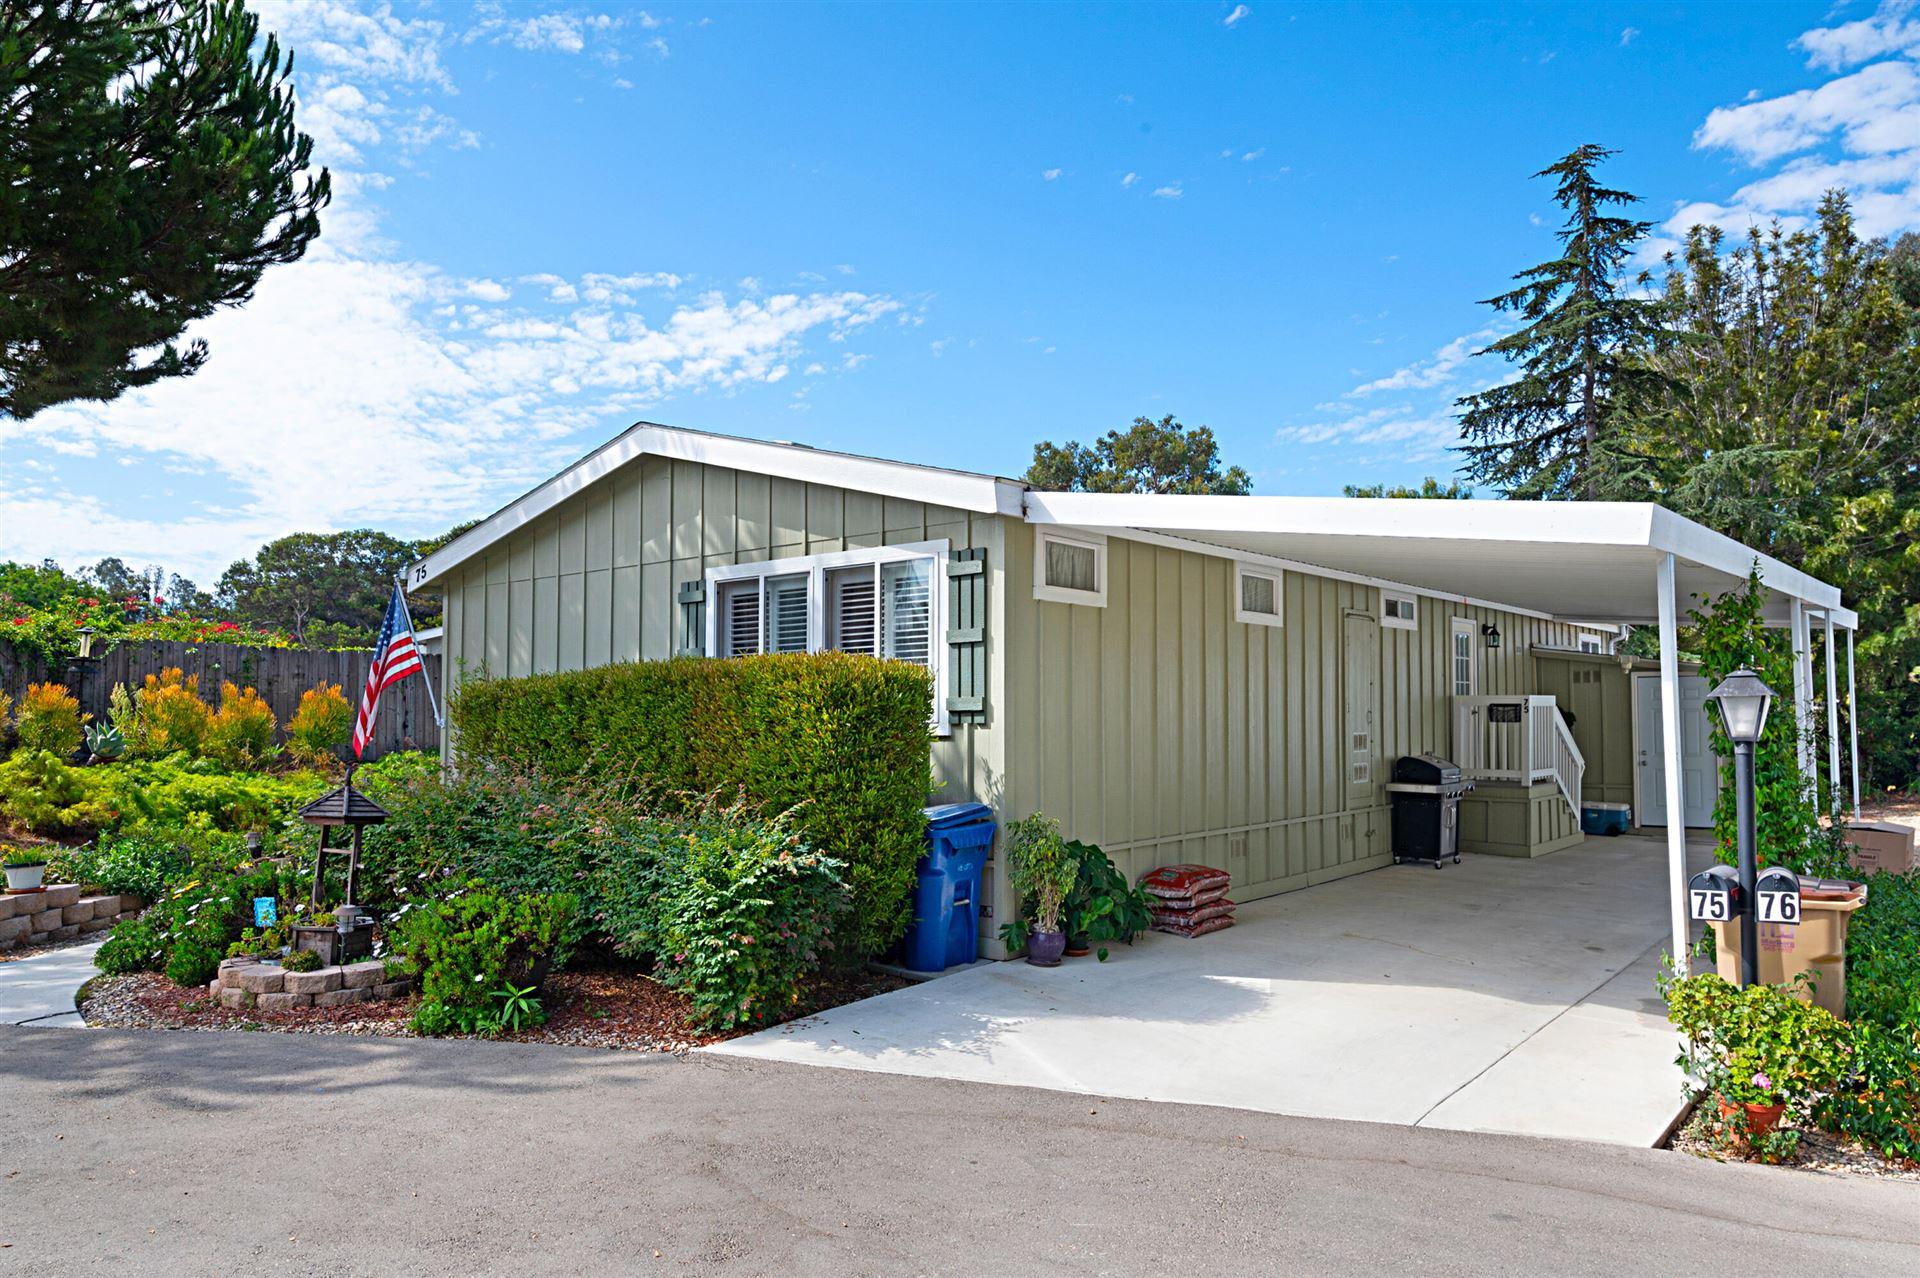 4025 State St #75, Santa Barbara, CA 93110 - MLS#: 21-3564